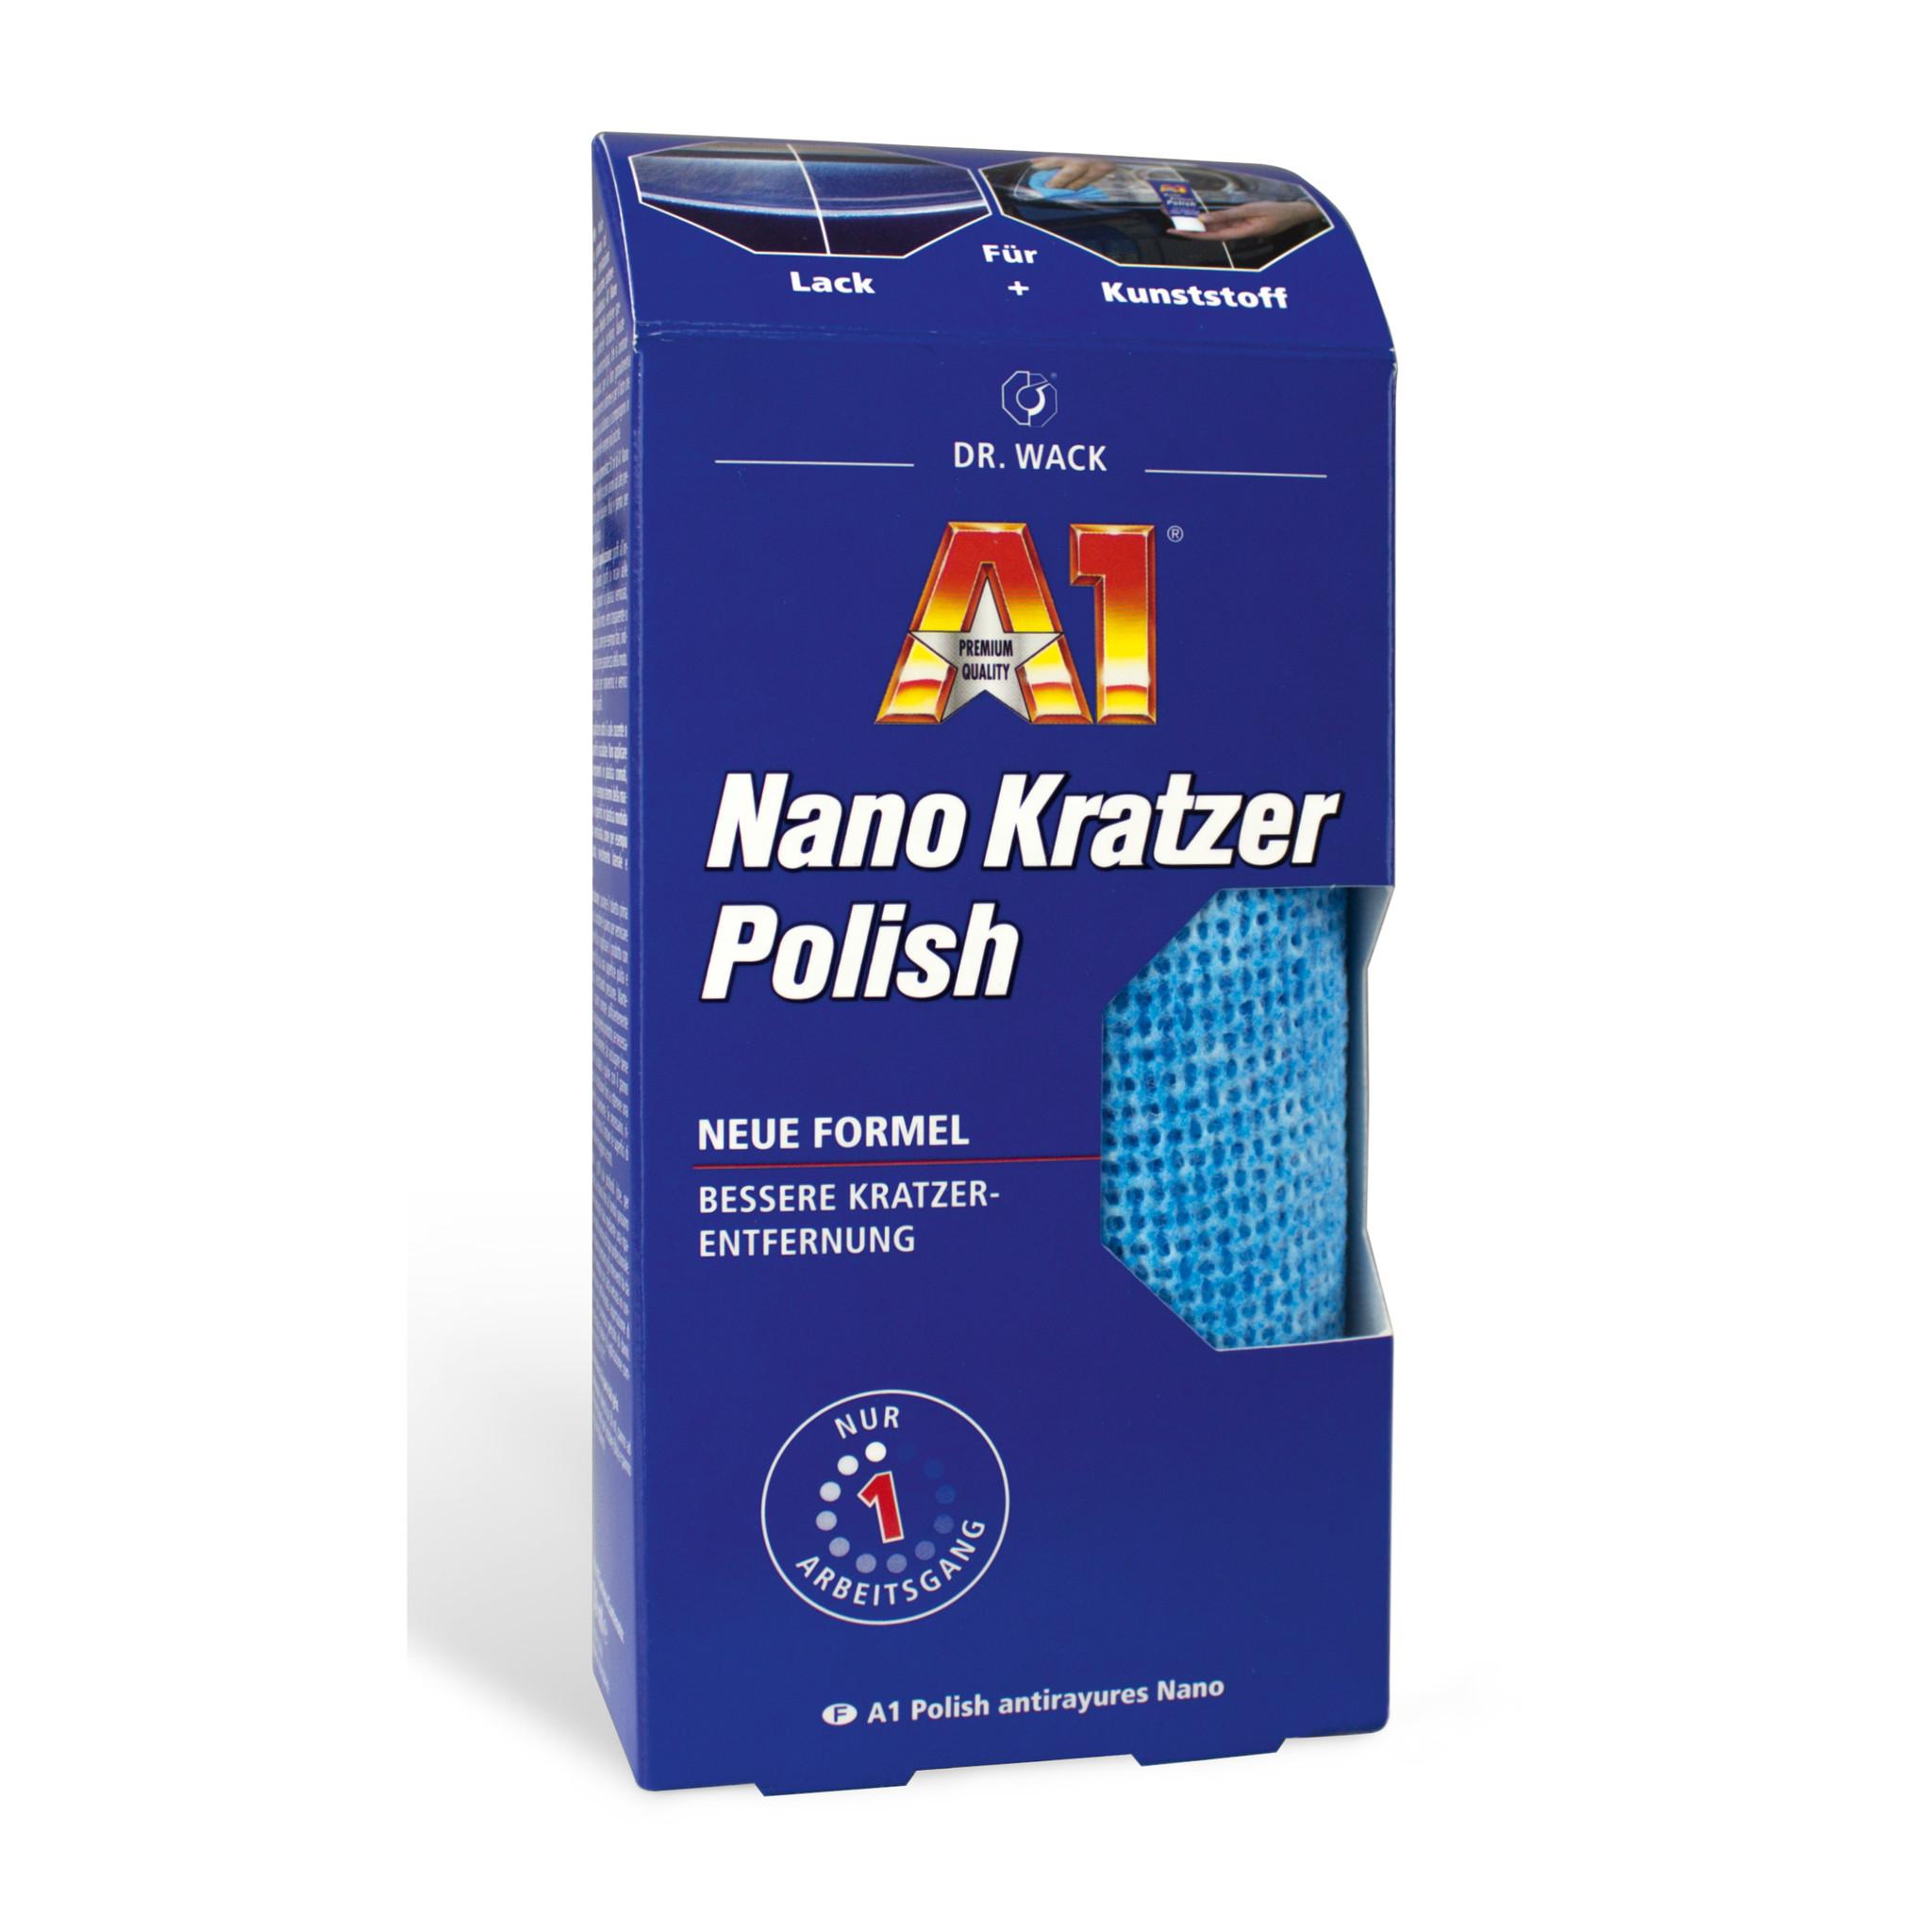 Dr. Wack A1 Nano Kratzer Polish Verpackung Mikrofasertuch für die Politur ist sichtbar